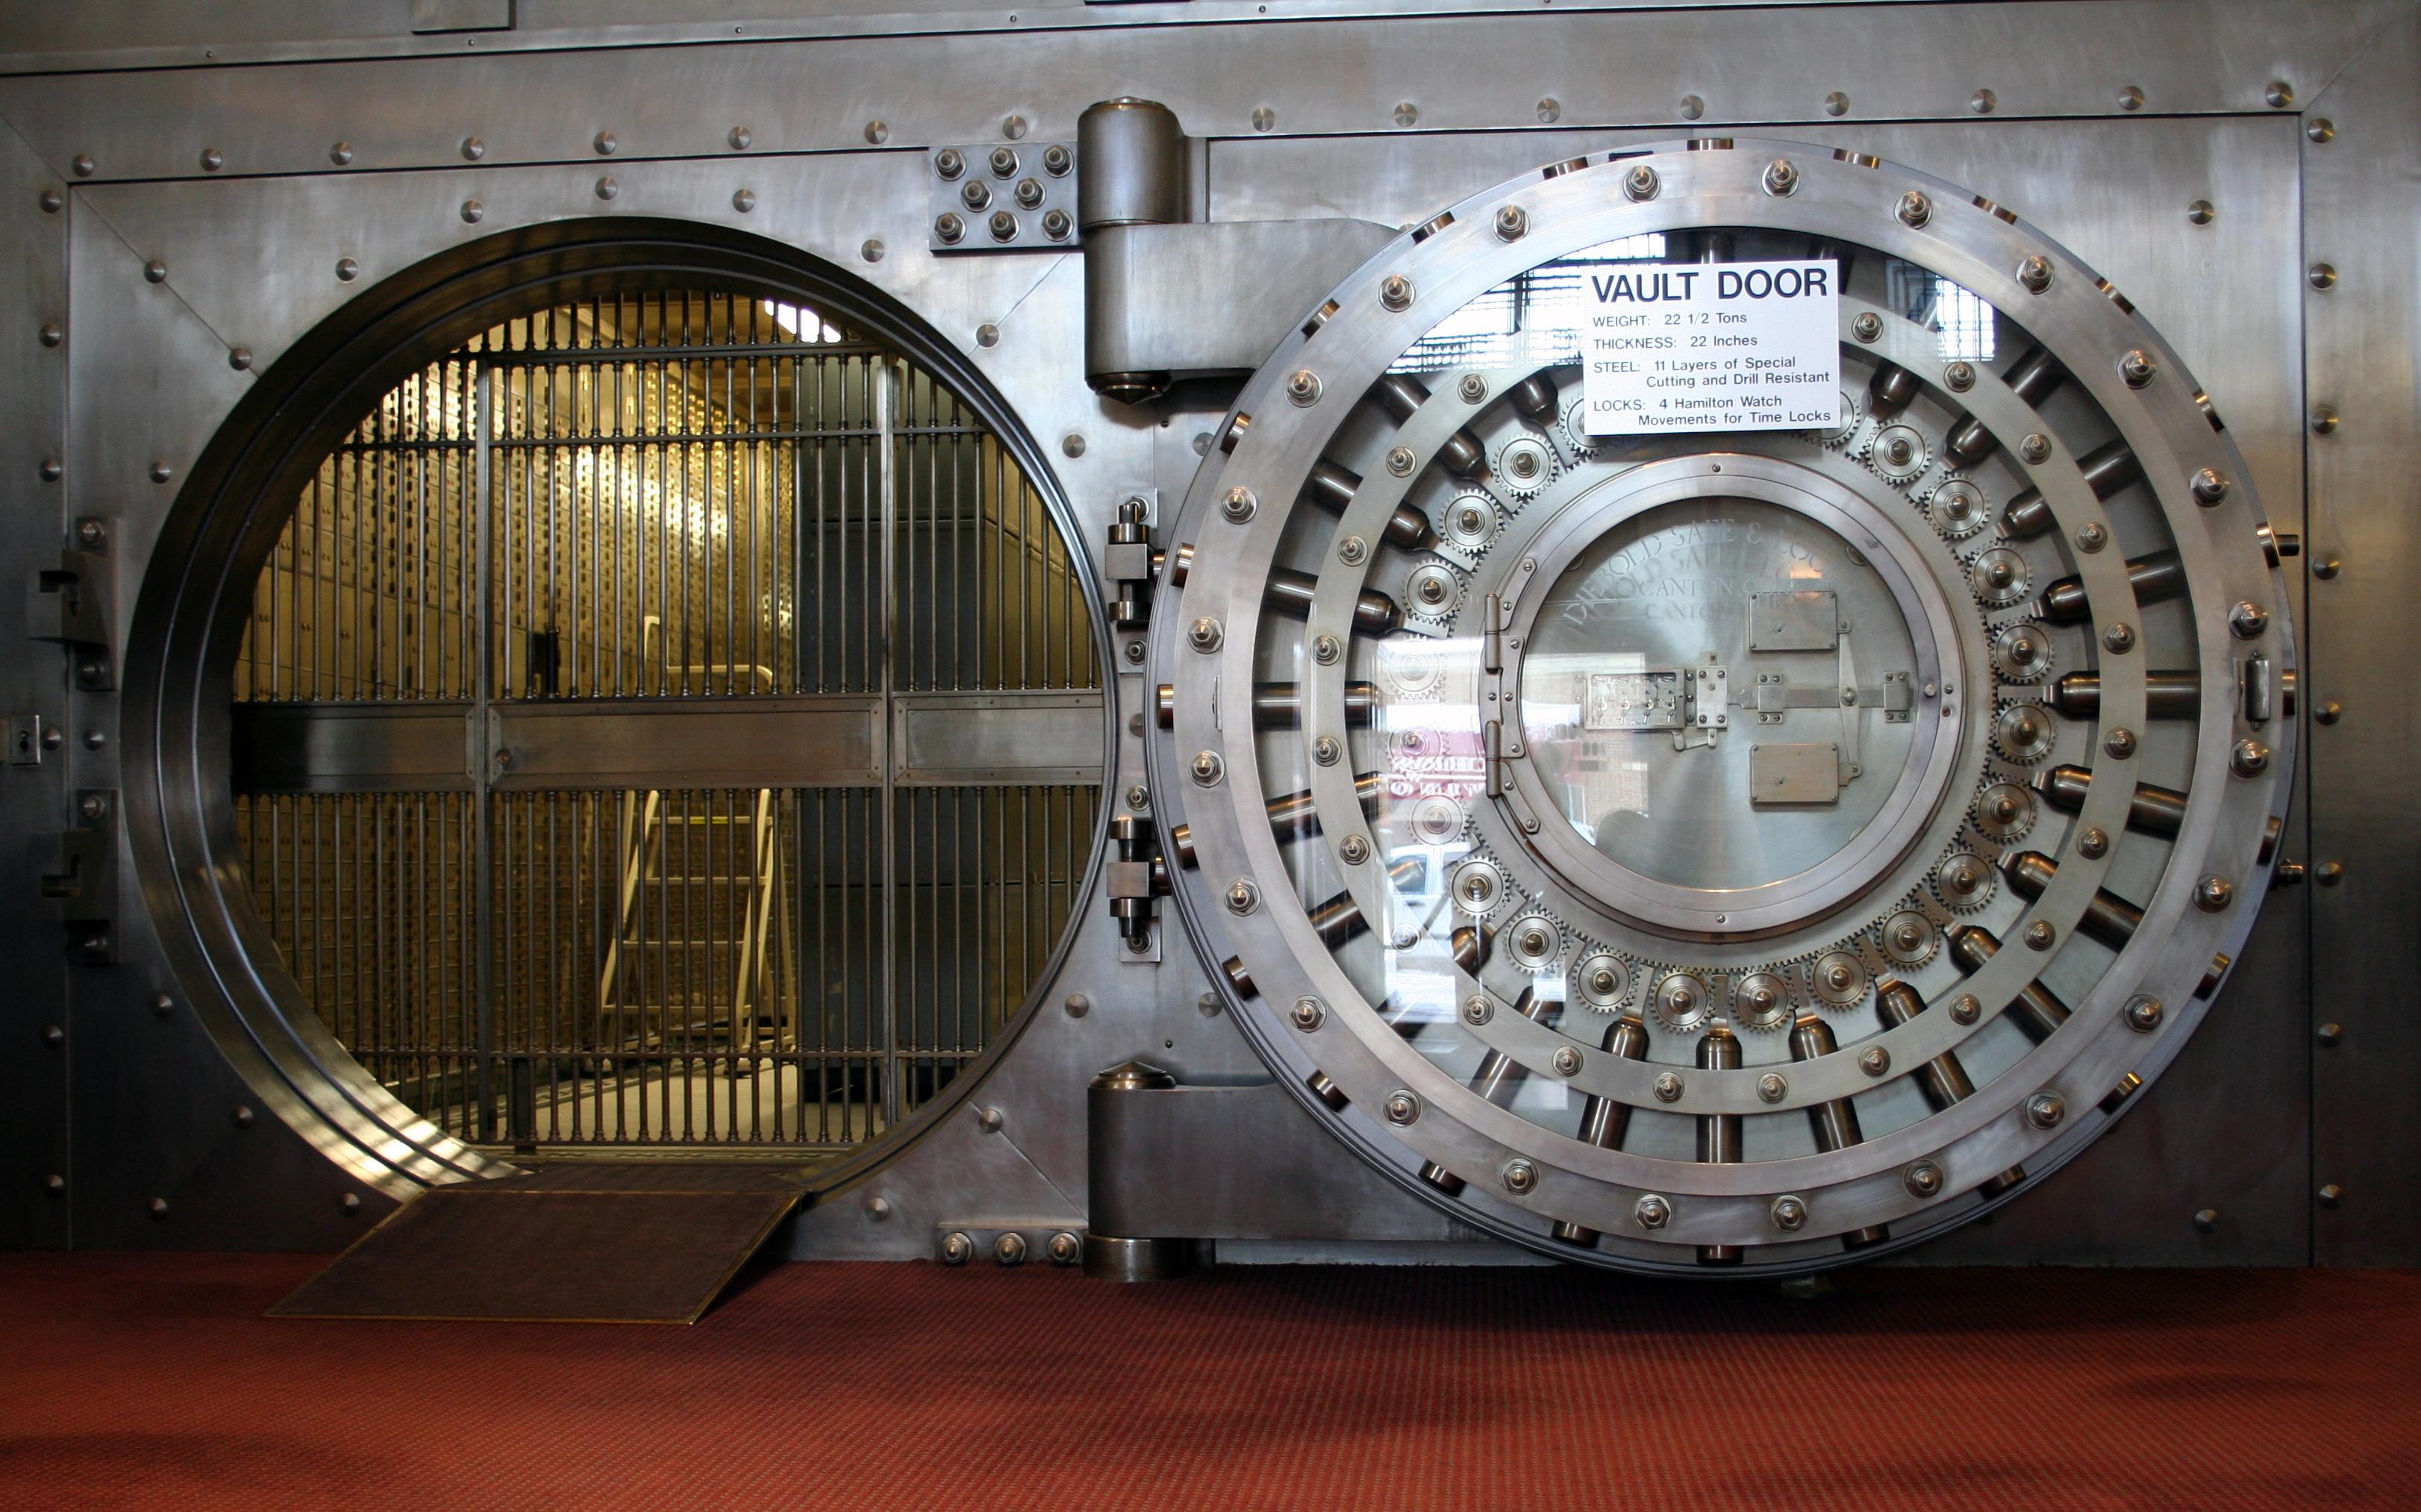 A bank már nagyon régen nem így néz ki